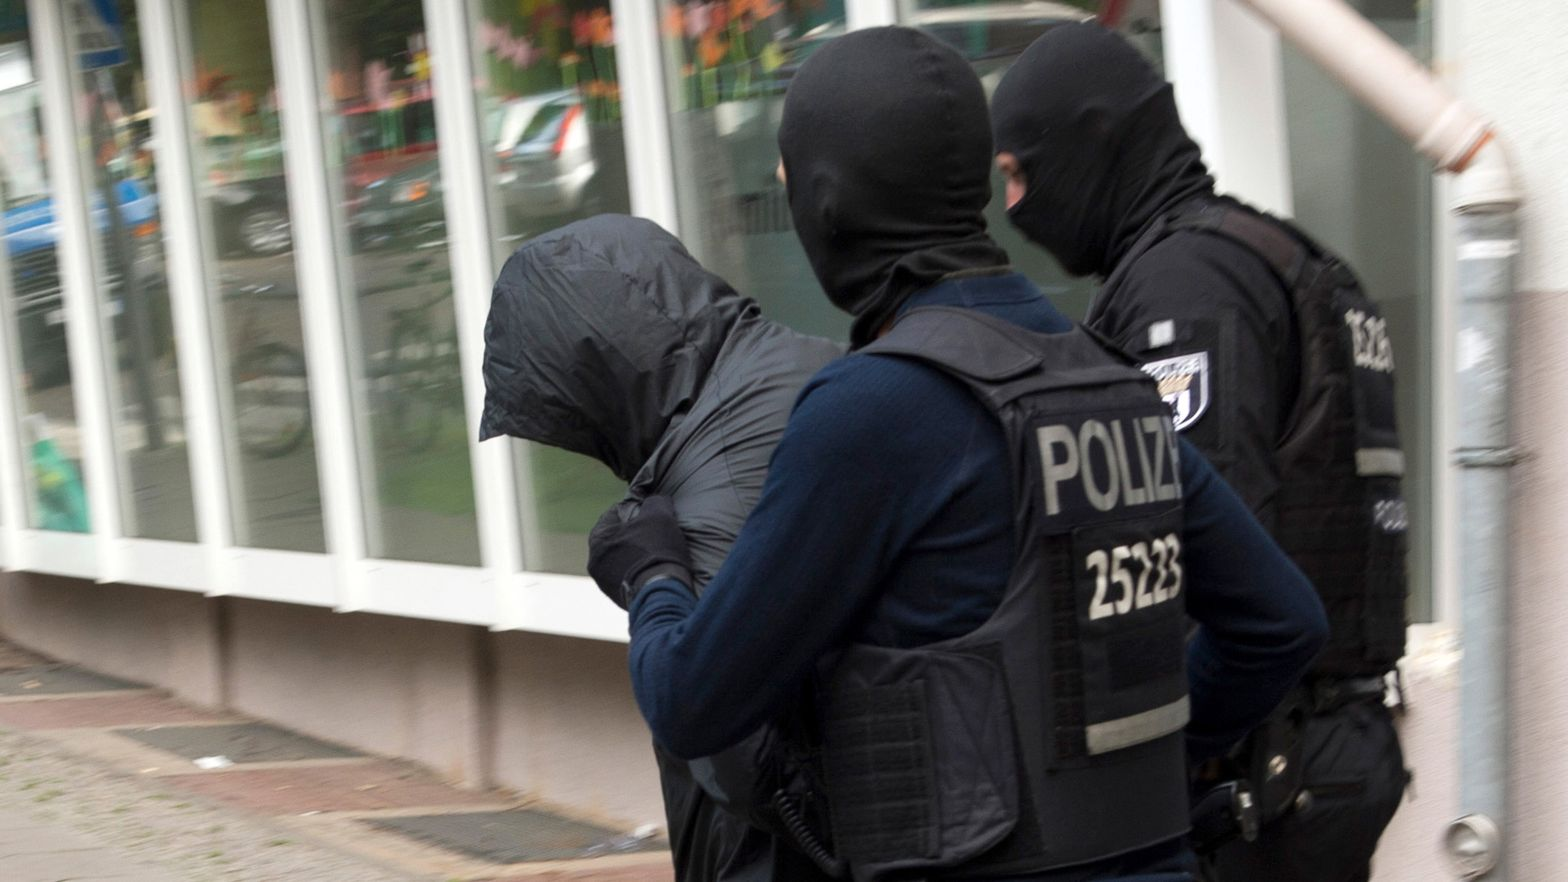 Polizeibeamte führen einen Mann ab. Dreieinhalb Monate nach dem spektakulären Diebstahl einer 100-Kilo-Goldmünze aus dem Berliner Bode-Museum im März 2017 hat die Polizei zwei Verdächtige festgenommen.